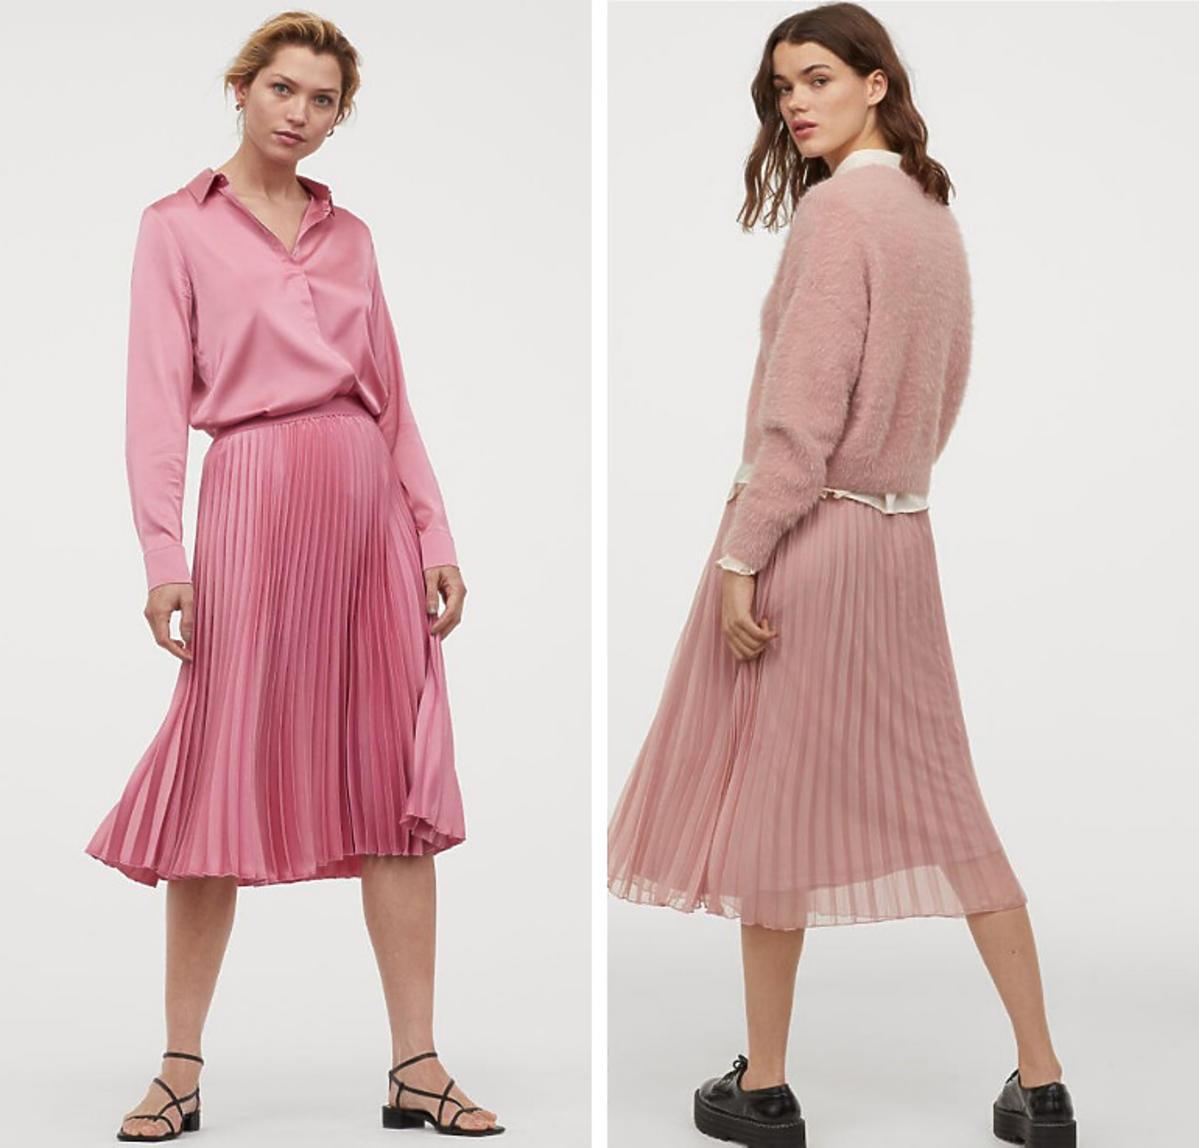 Spódnice plisowane H&M